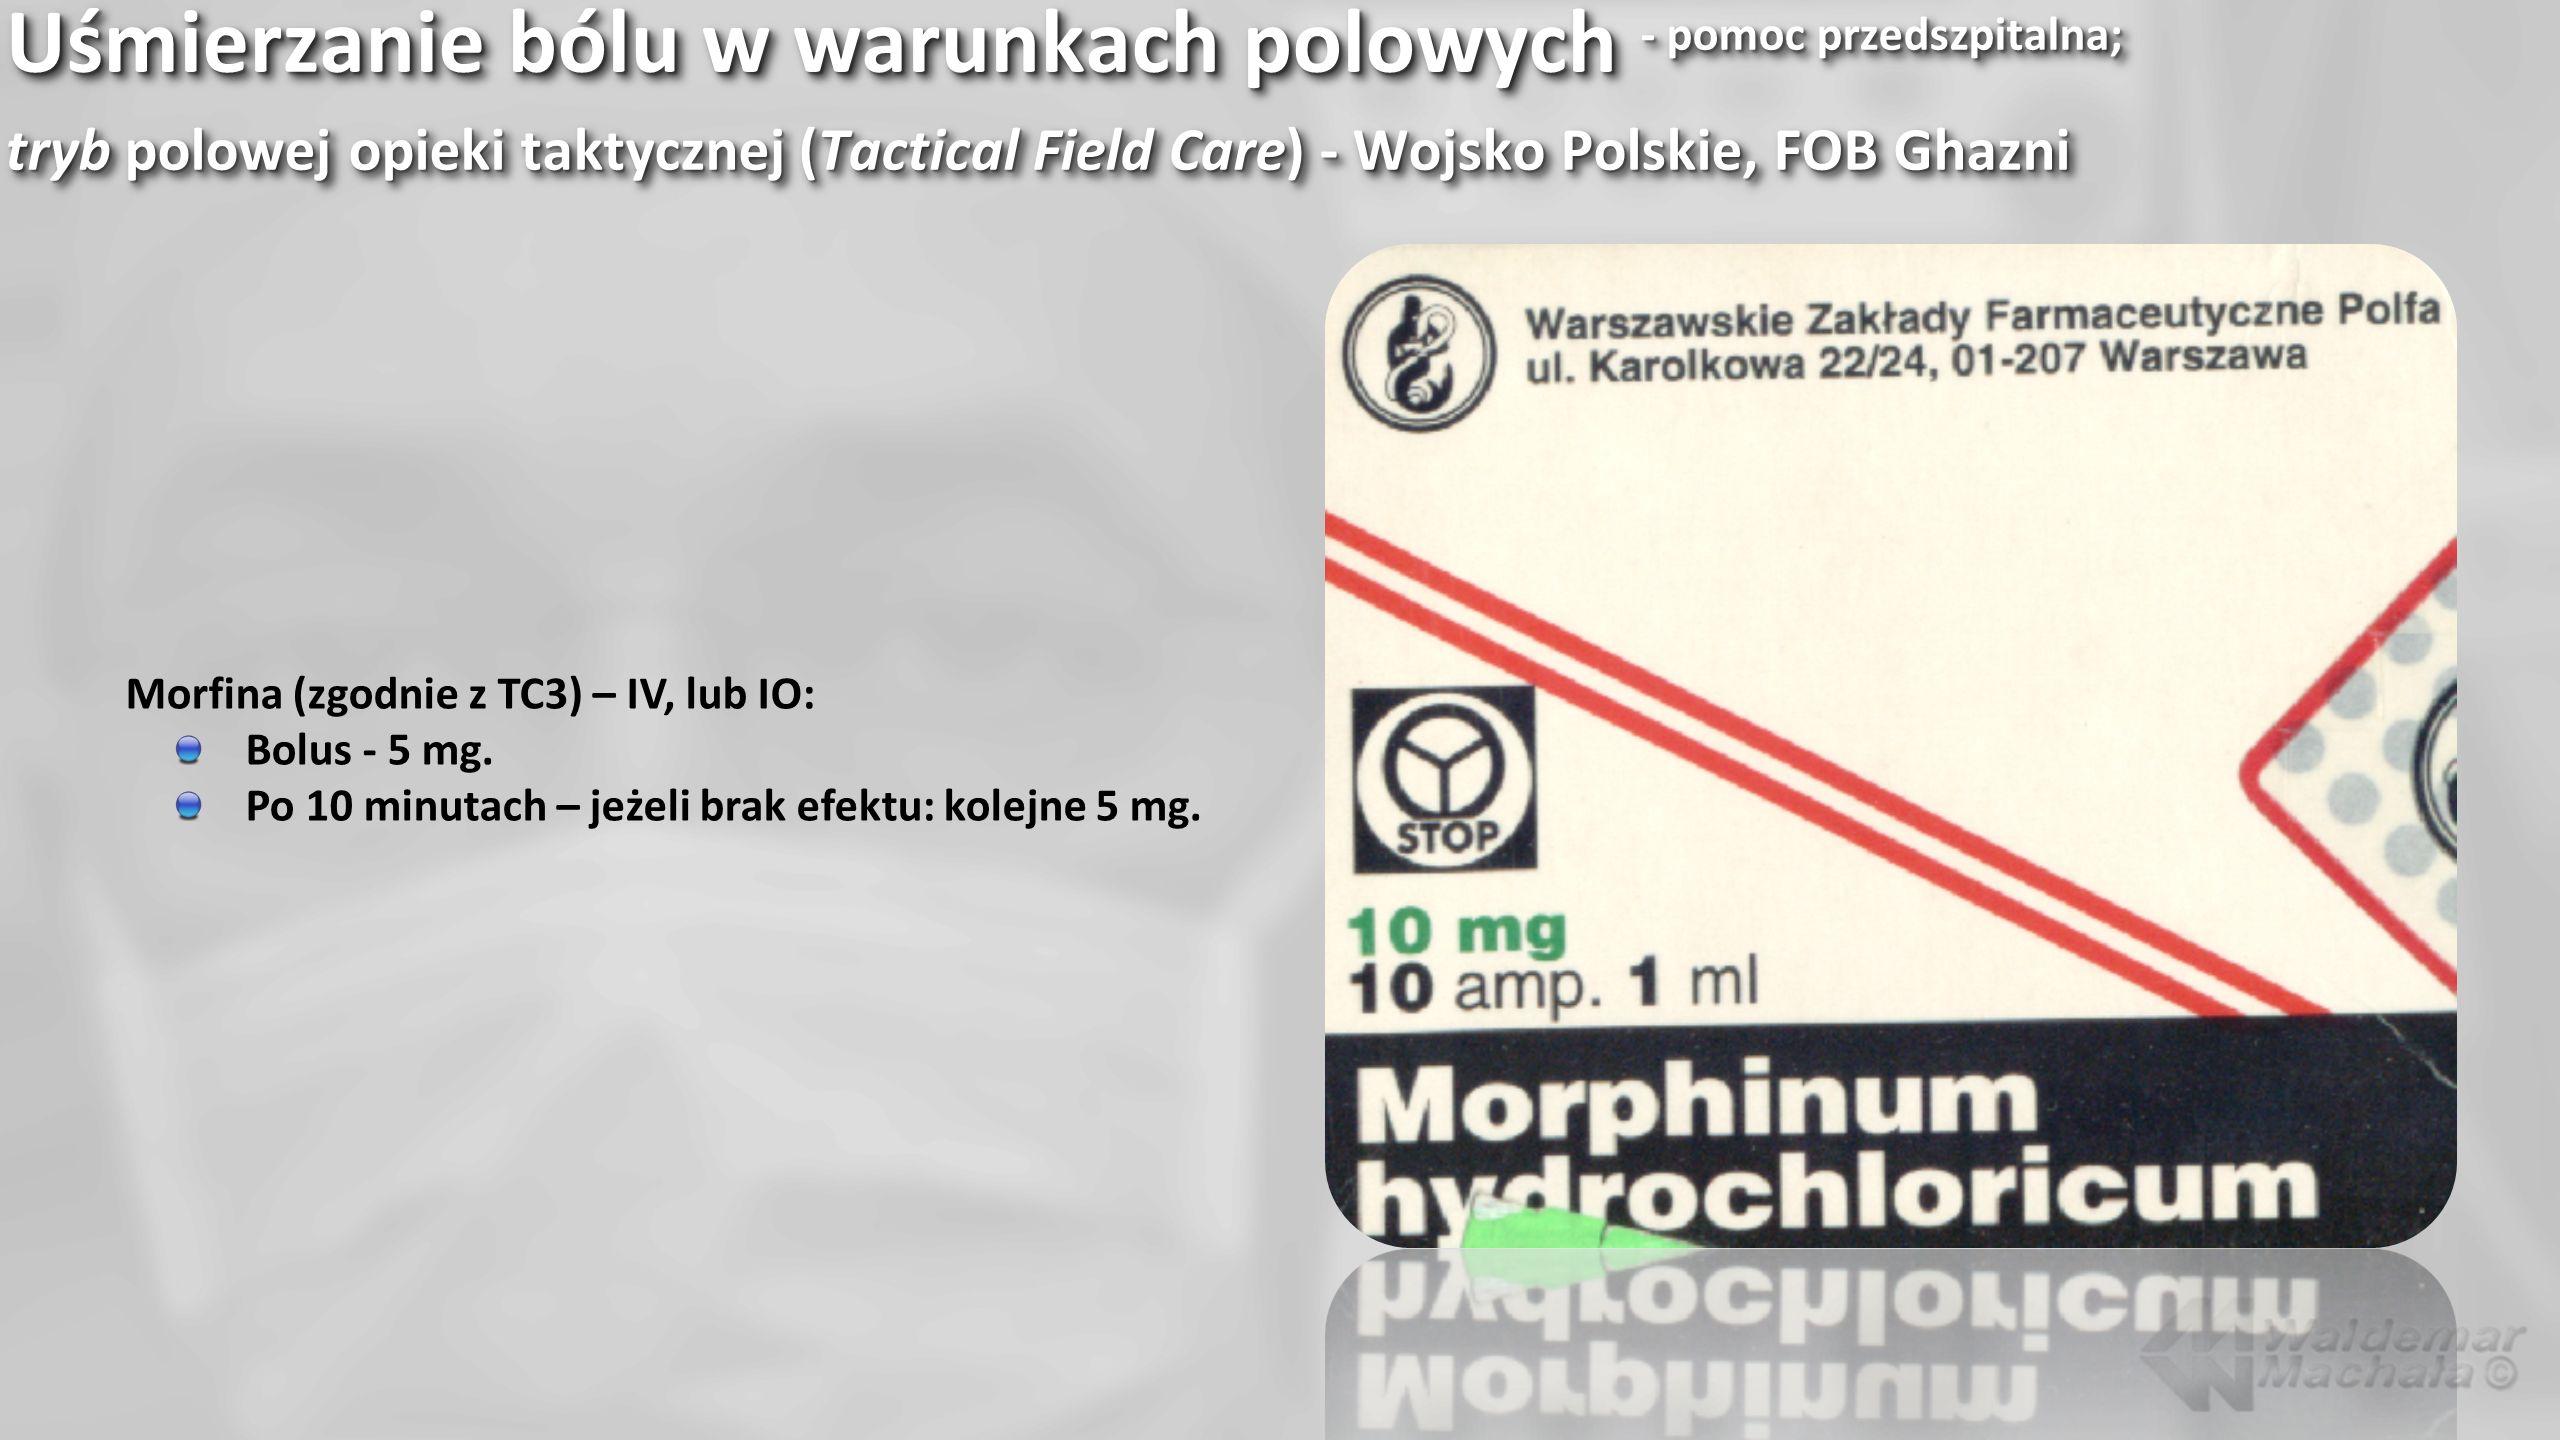 Uśmierzanie bólu w warunkach polowych - pomoc przedszpitalna; tryb polowej opieki taktycznej (Tactical Field Care) - Wojsko Polskie, FOB Ghazni Morfin